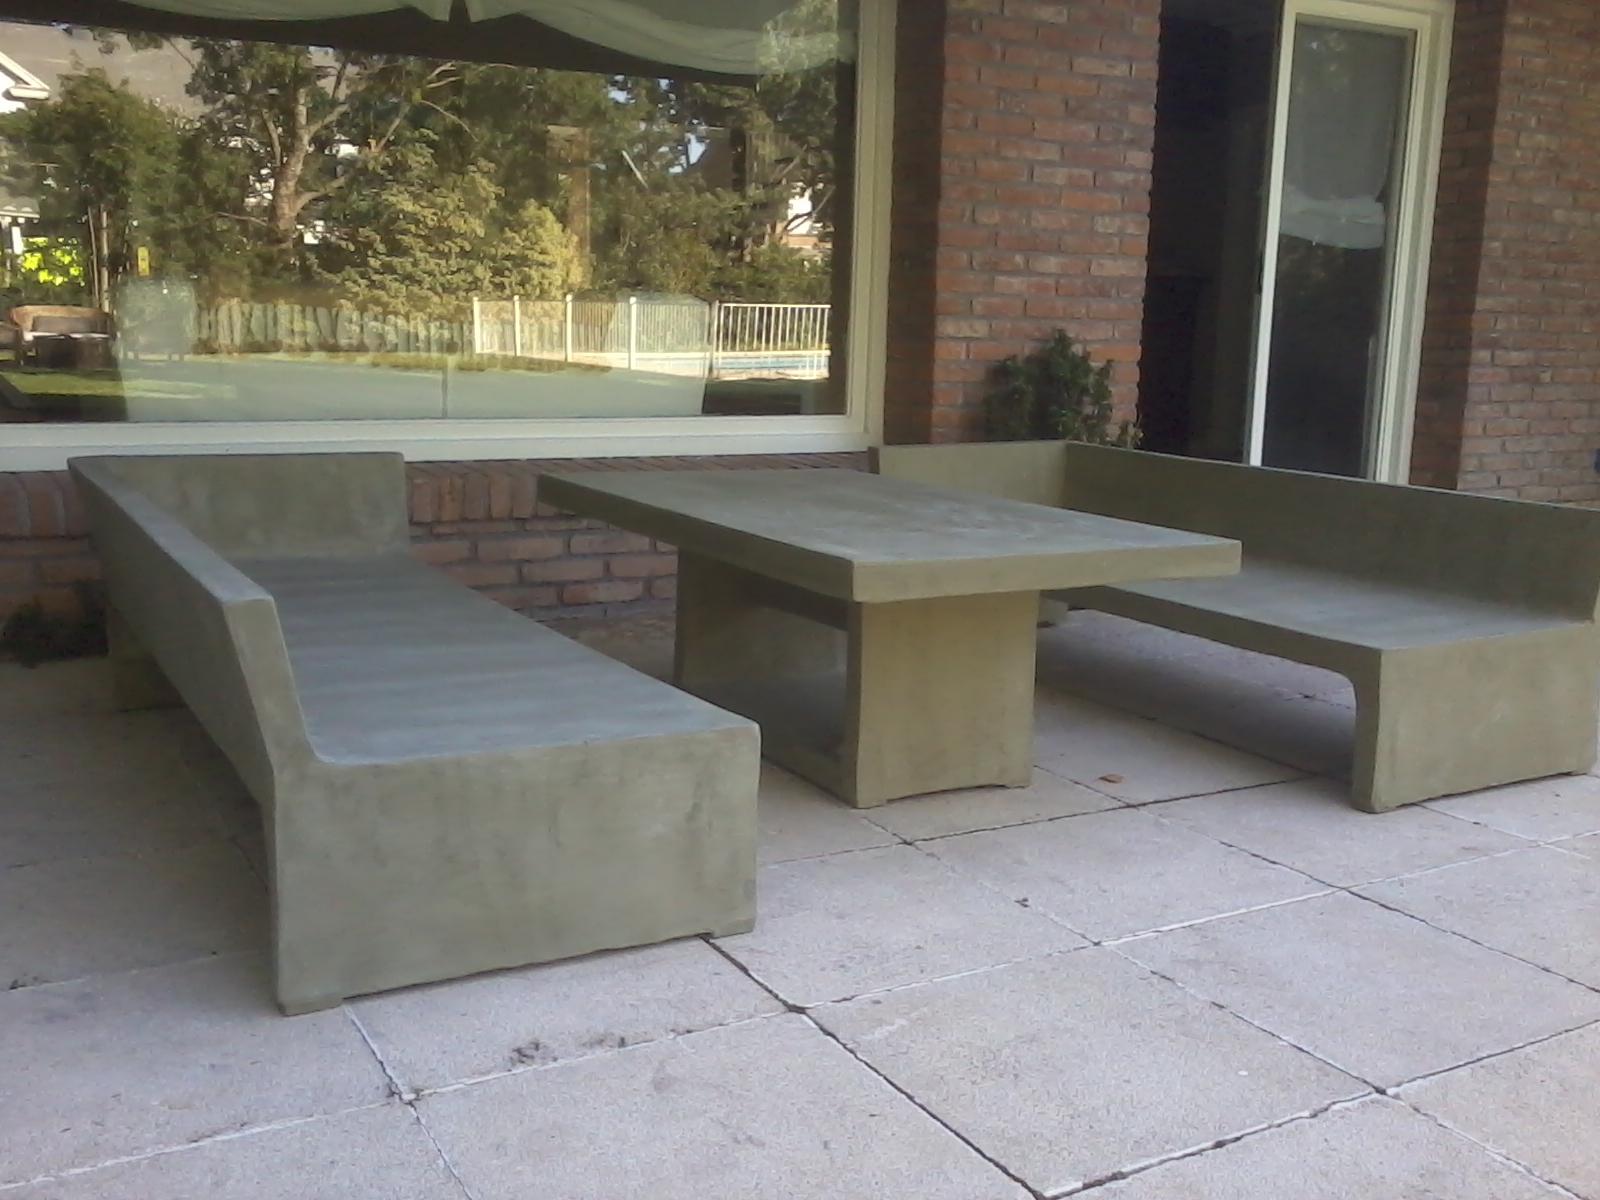 Vistoso Juegos De Muebles De Jardín Composición - Muebles Para Ideas ...